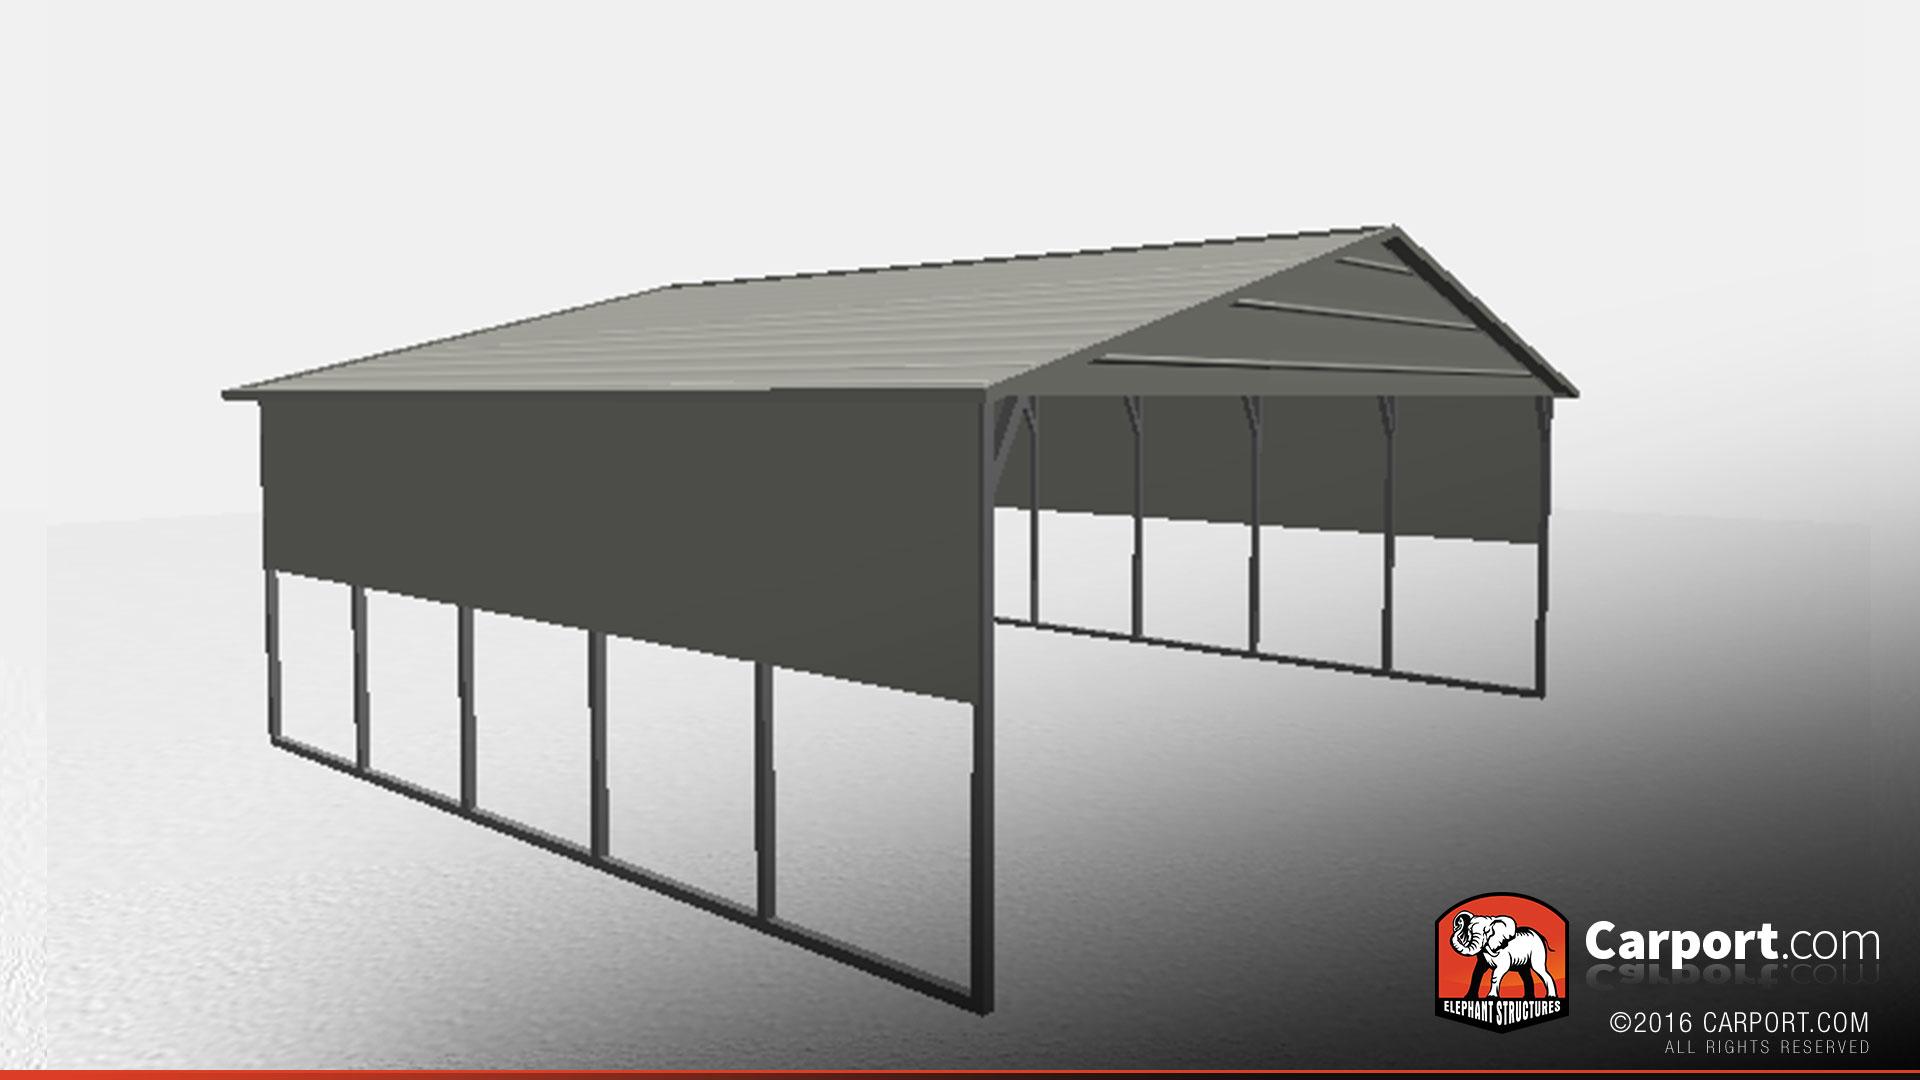 boxed eave double wide carport car shelter carport car shelters. Black Bedroom Furniture Sets. Home Design Ideas